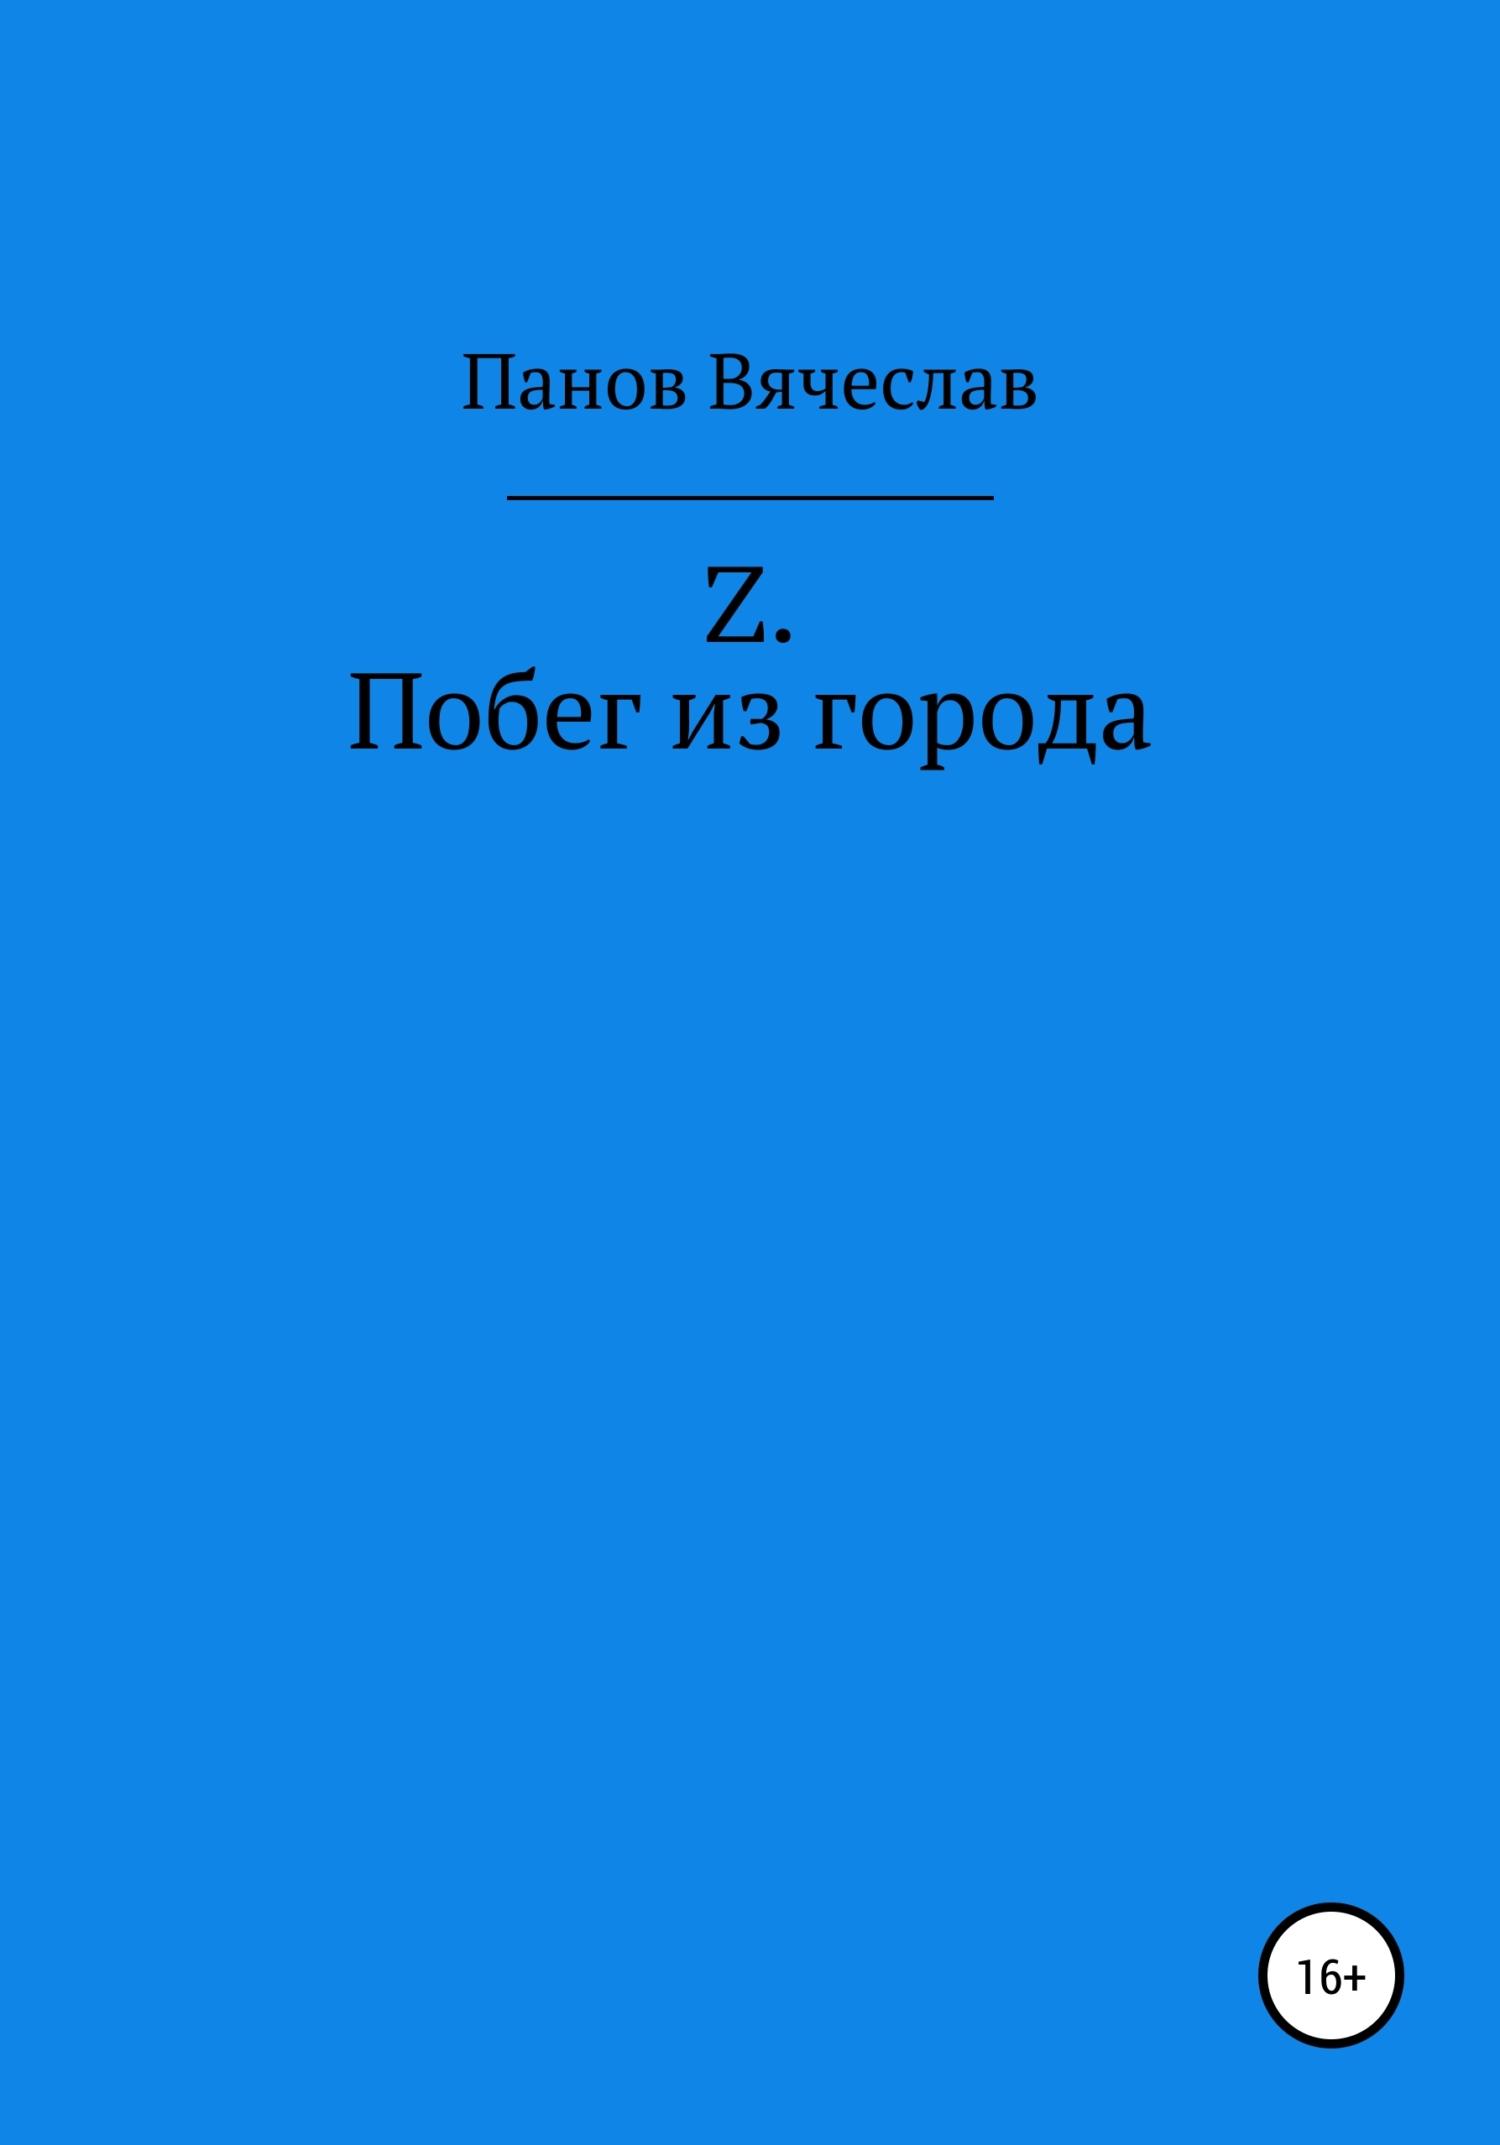 Купить книгу Z. Побег из города, автора Вячеслава Владимировича Панова